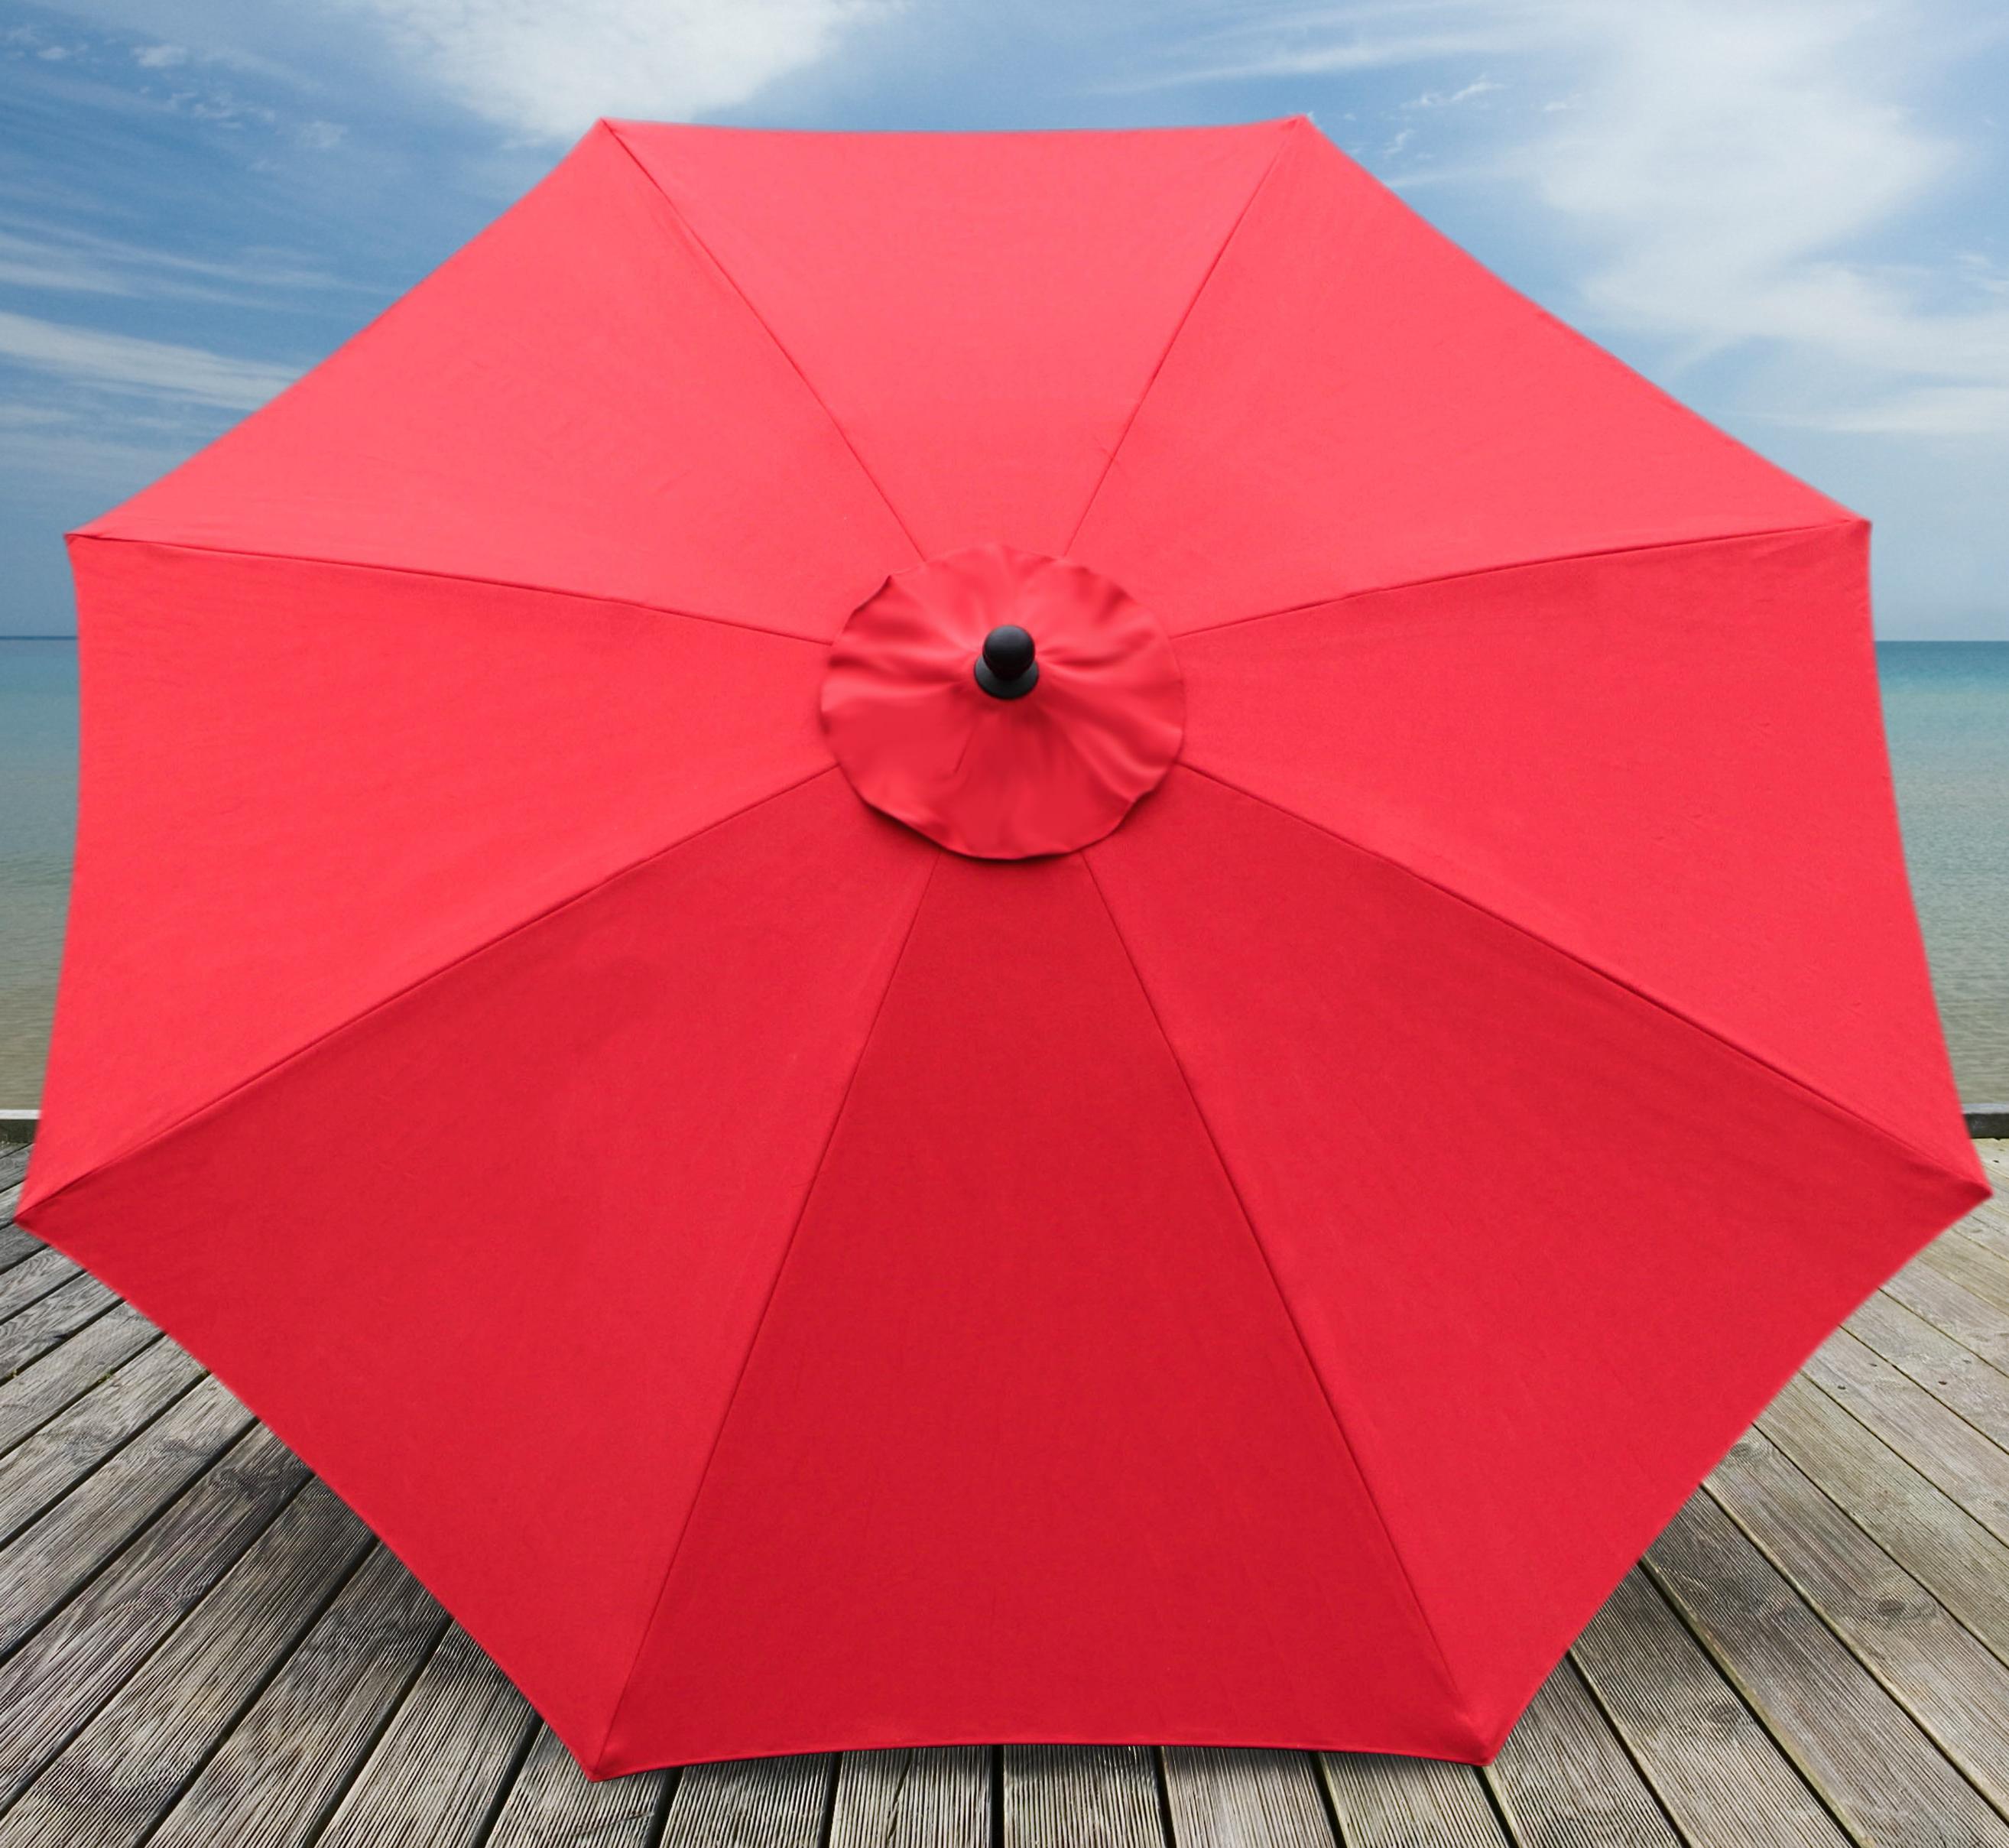 Mucci Madilyn Market Sunbrella Umbrellas Throughout Most Up To Date Mucci Madilyn 10' Market Sunbrella Umbrella (View 3 of 20)